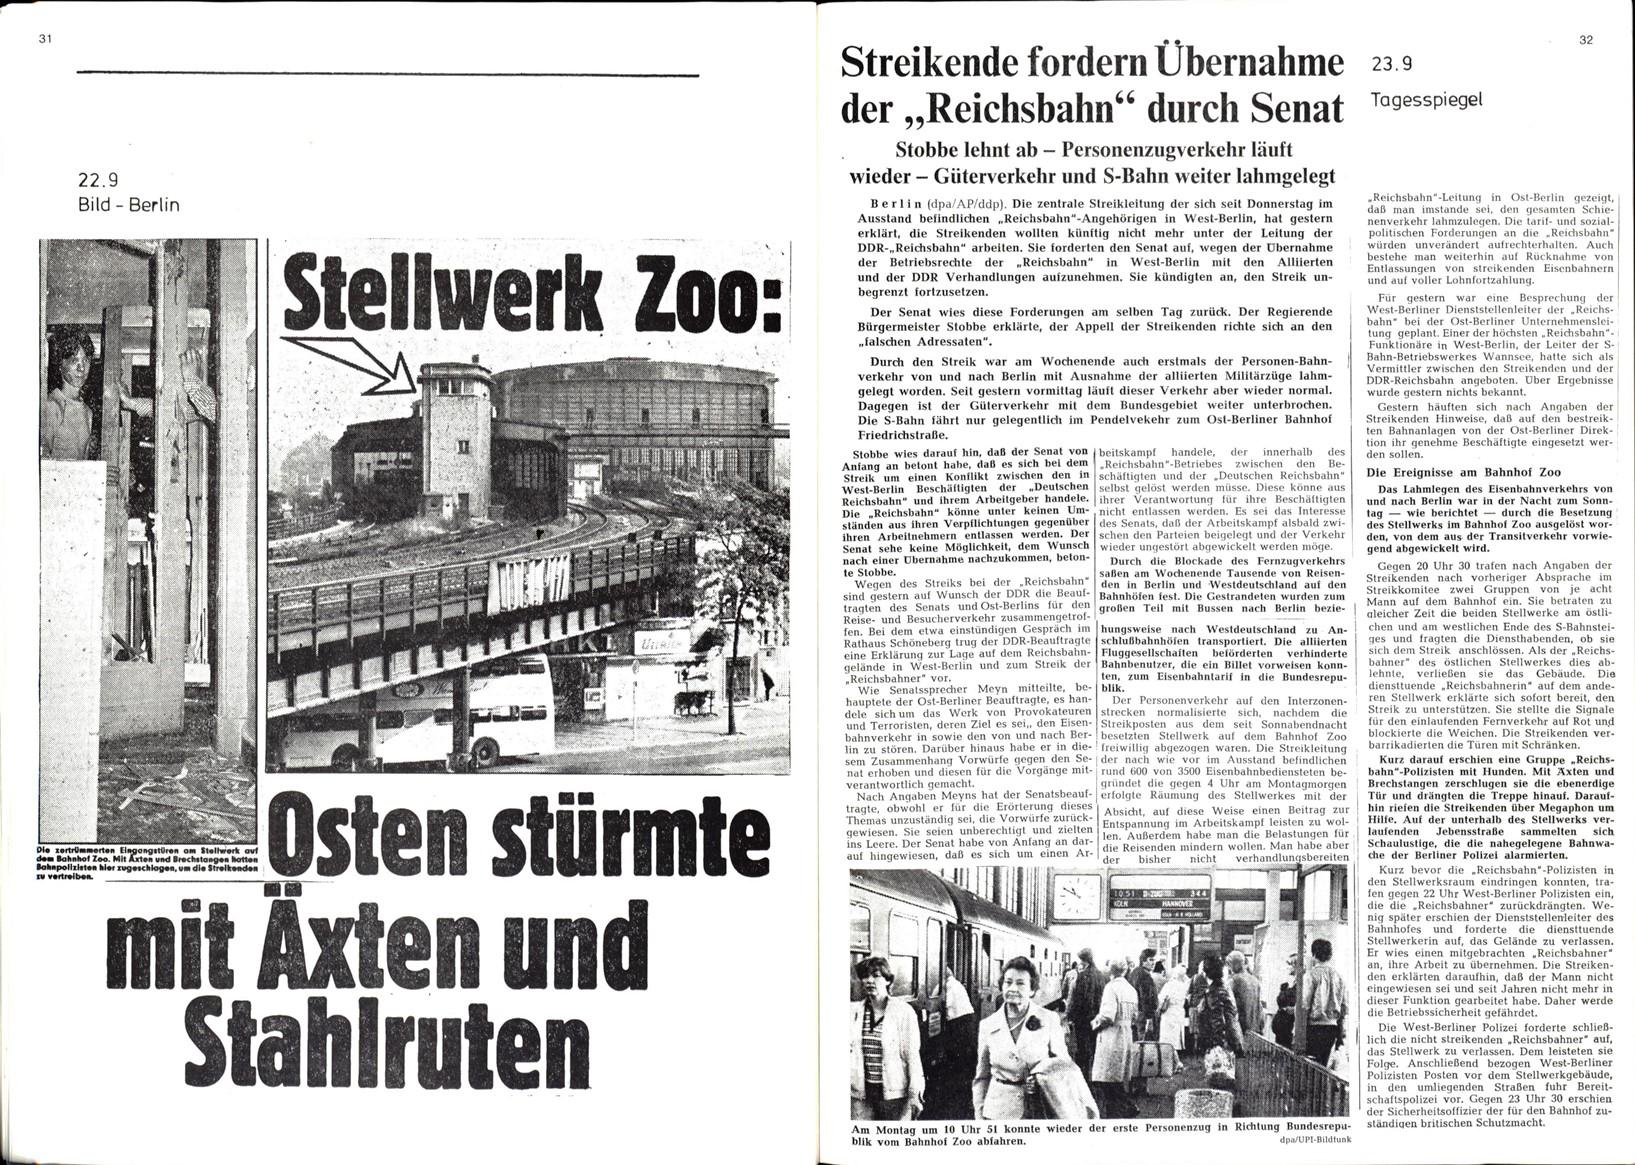 Berlin_Reichsbahnstreik18